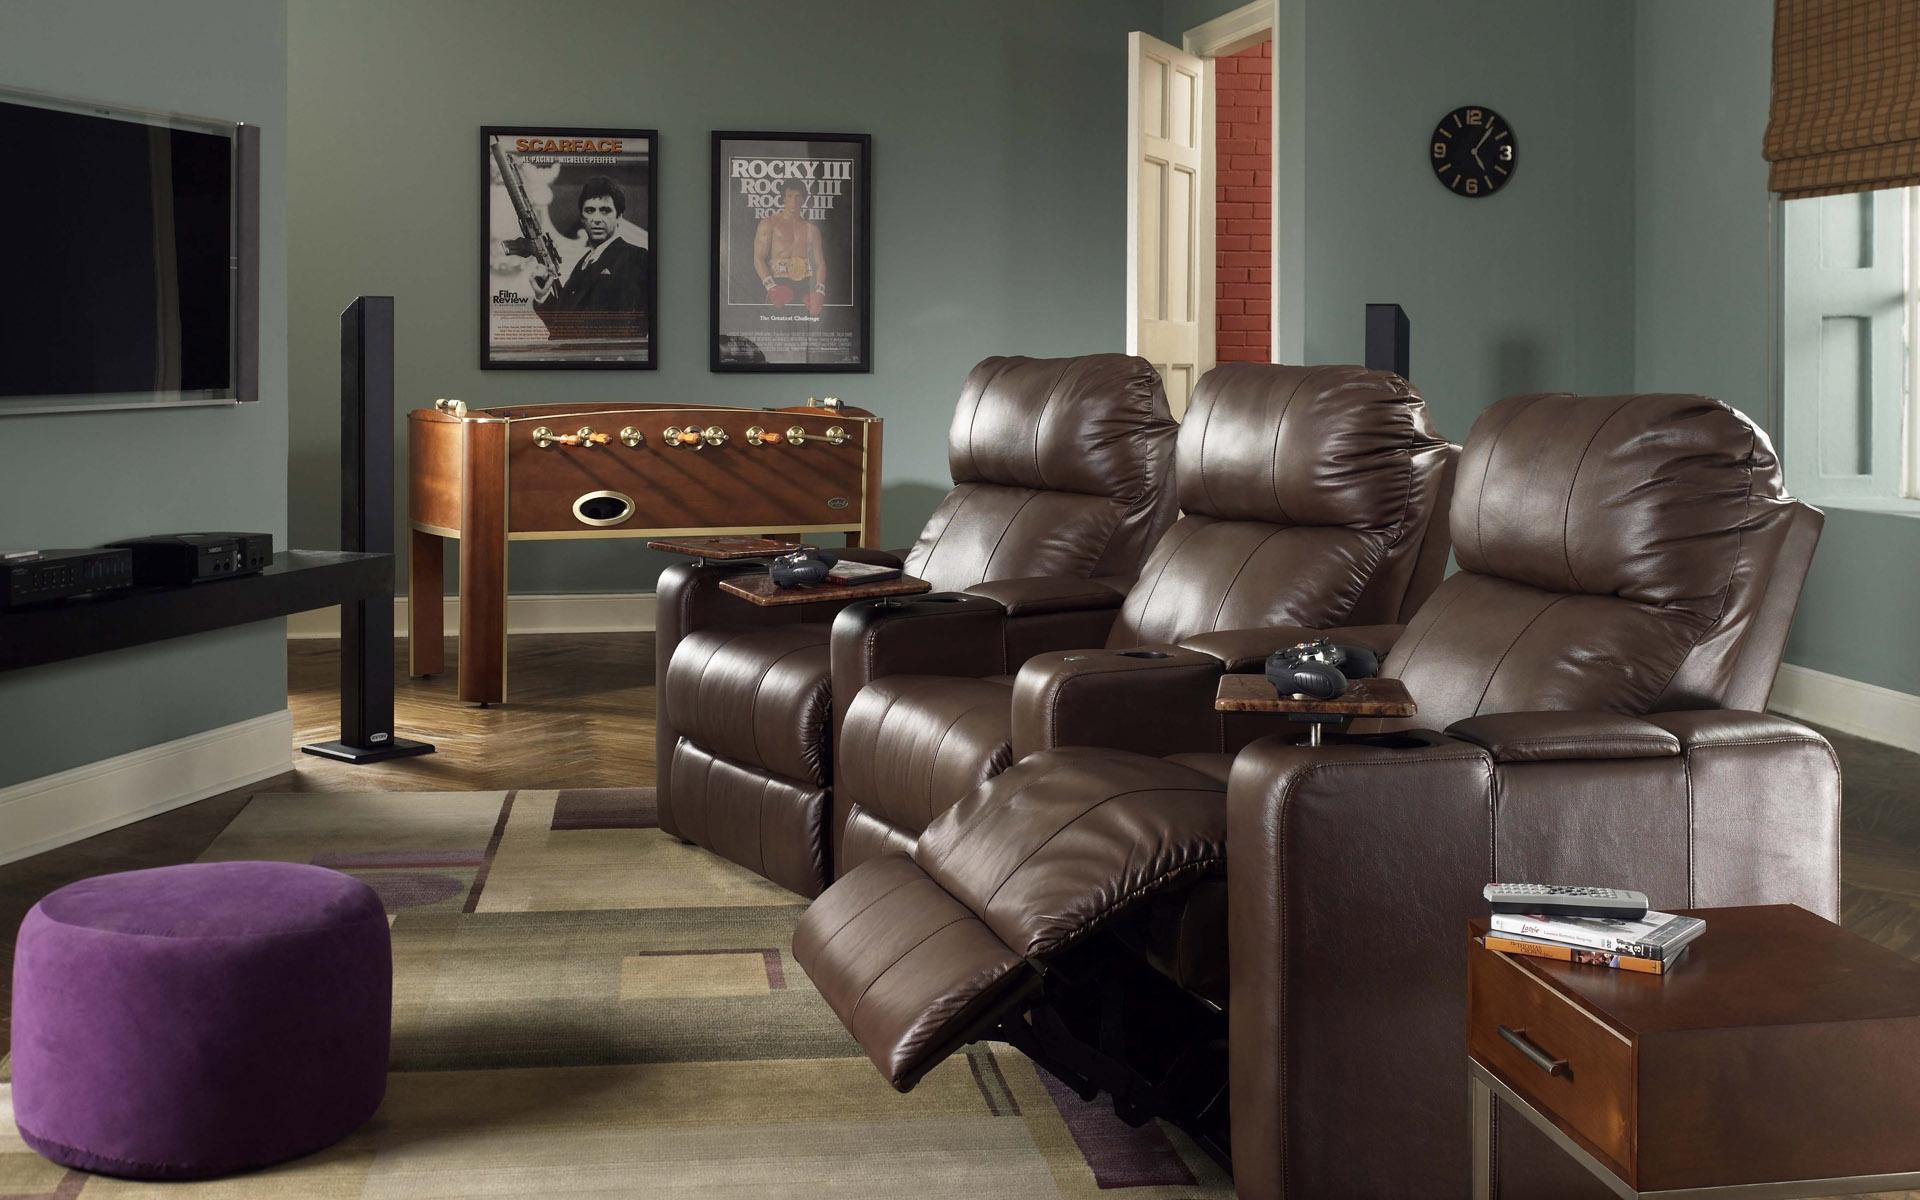 Hintergrundbilder : Zimmer, Innere, Couch, Sessel, Innenarchitektur ...